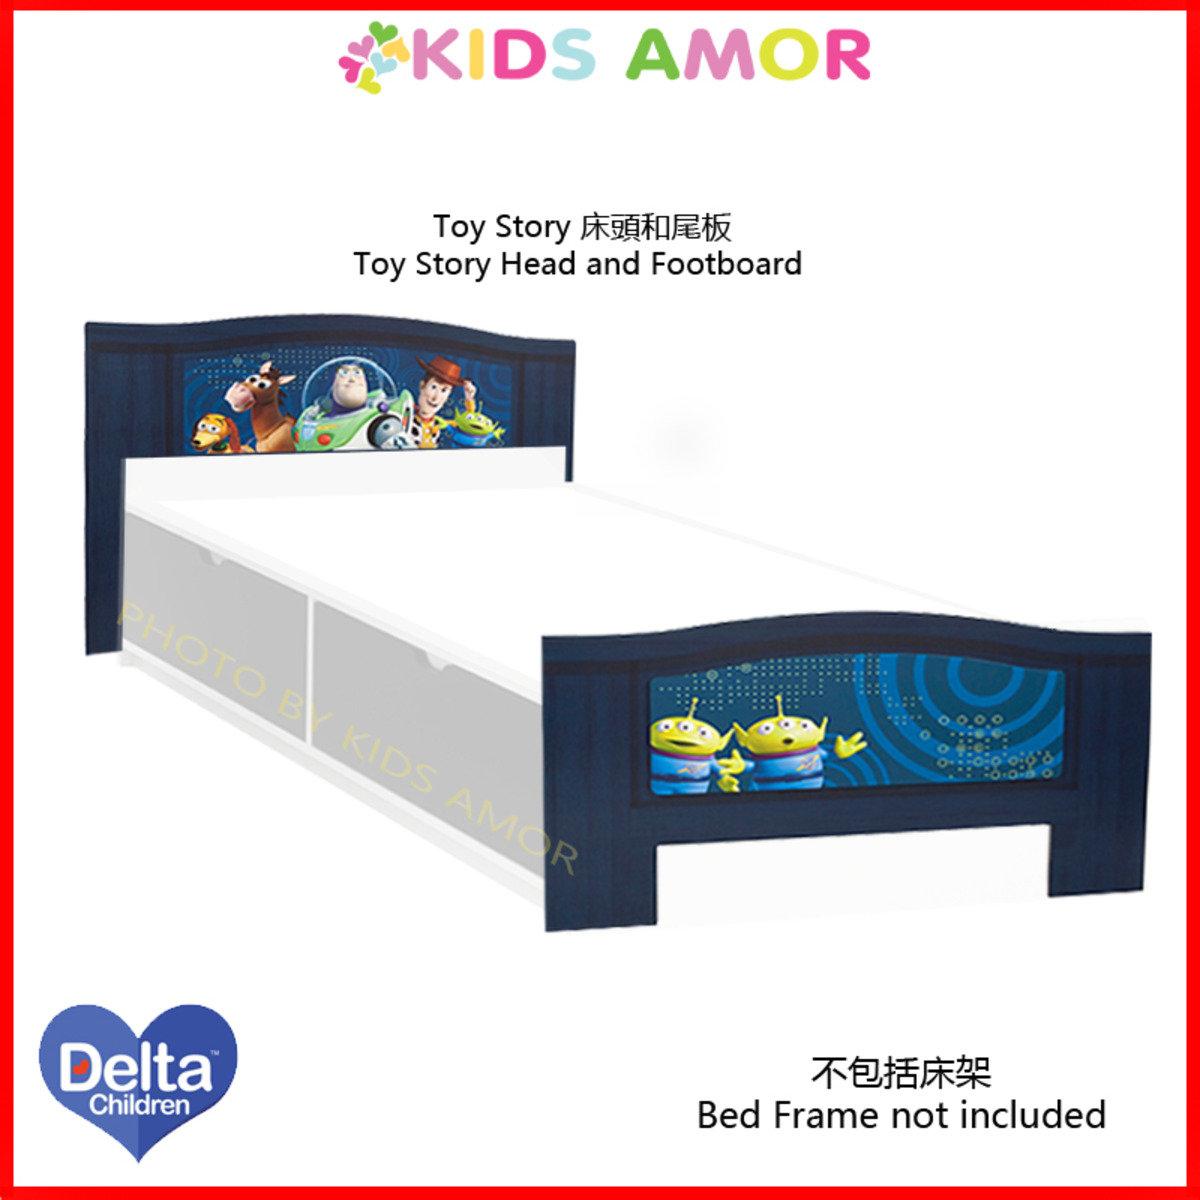 迪士尼反斗奇兵 Toy Story 床頭板和床尾板 (適合3'x6'單人床架)